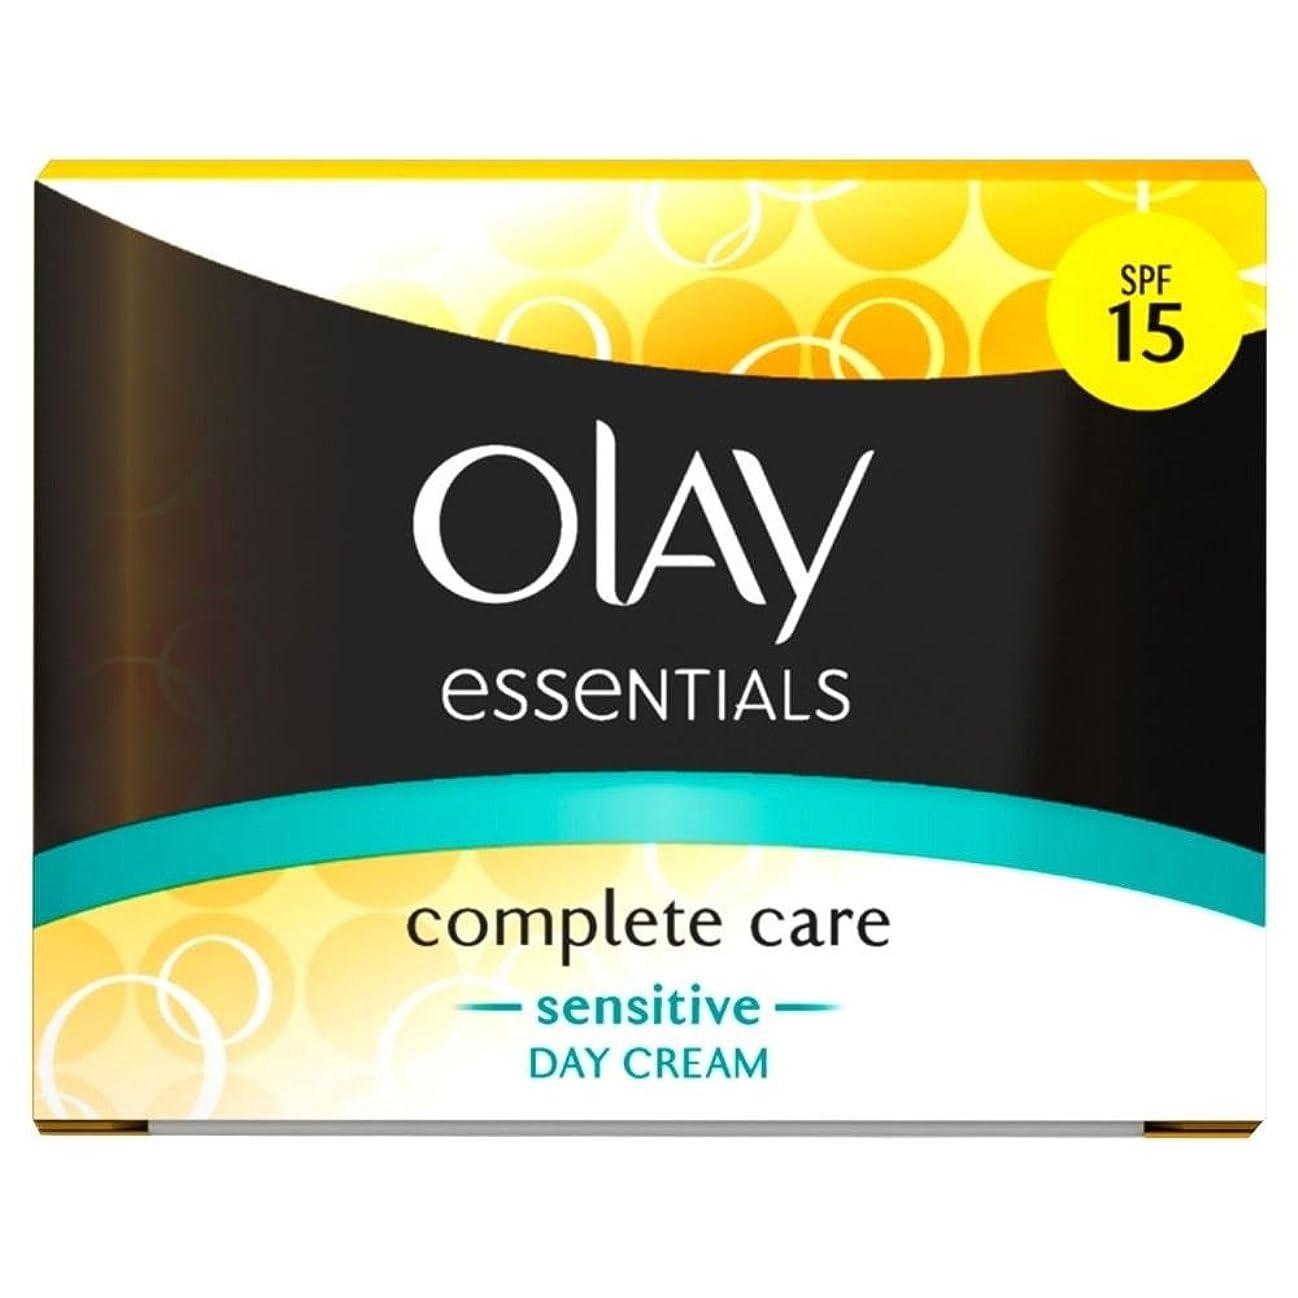 着陸バリアムスOlay Complete Care Daily Sensitive UV Cream SPF 15 (50ml) オーレイコンプリートケア毎日の敏感なuvクリームspf 15 ( 50ミリリットル)